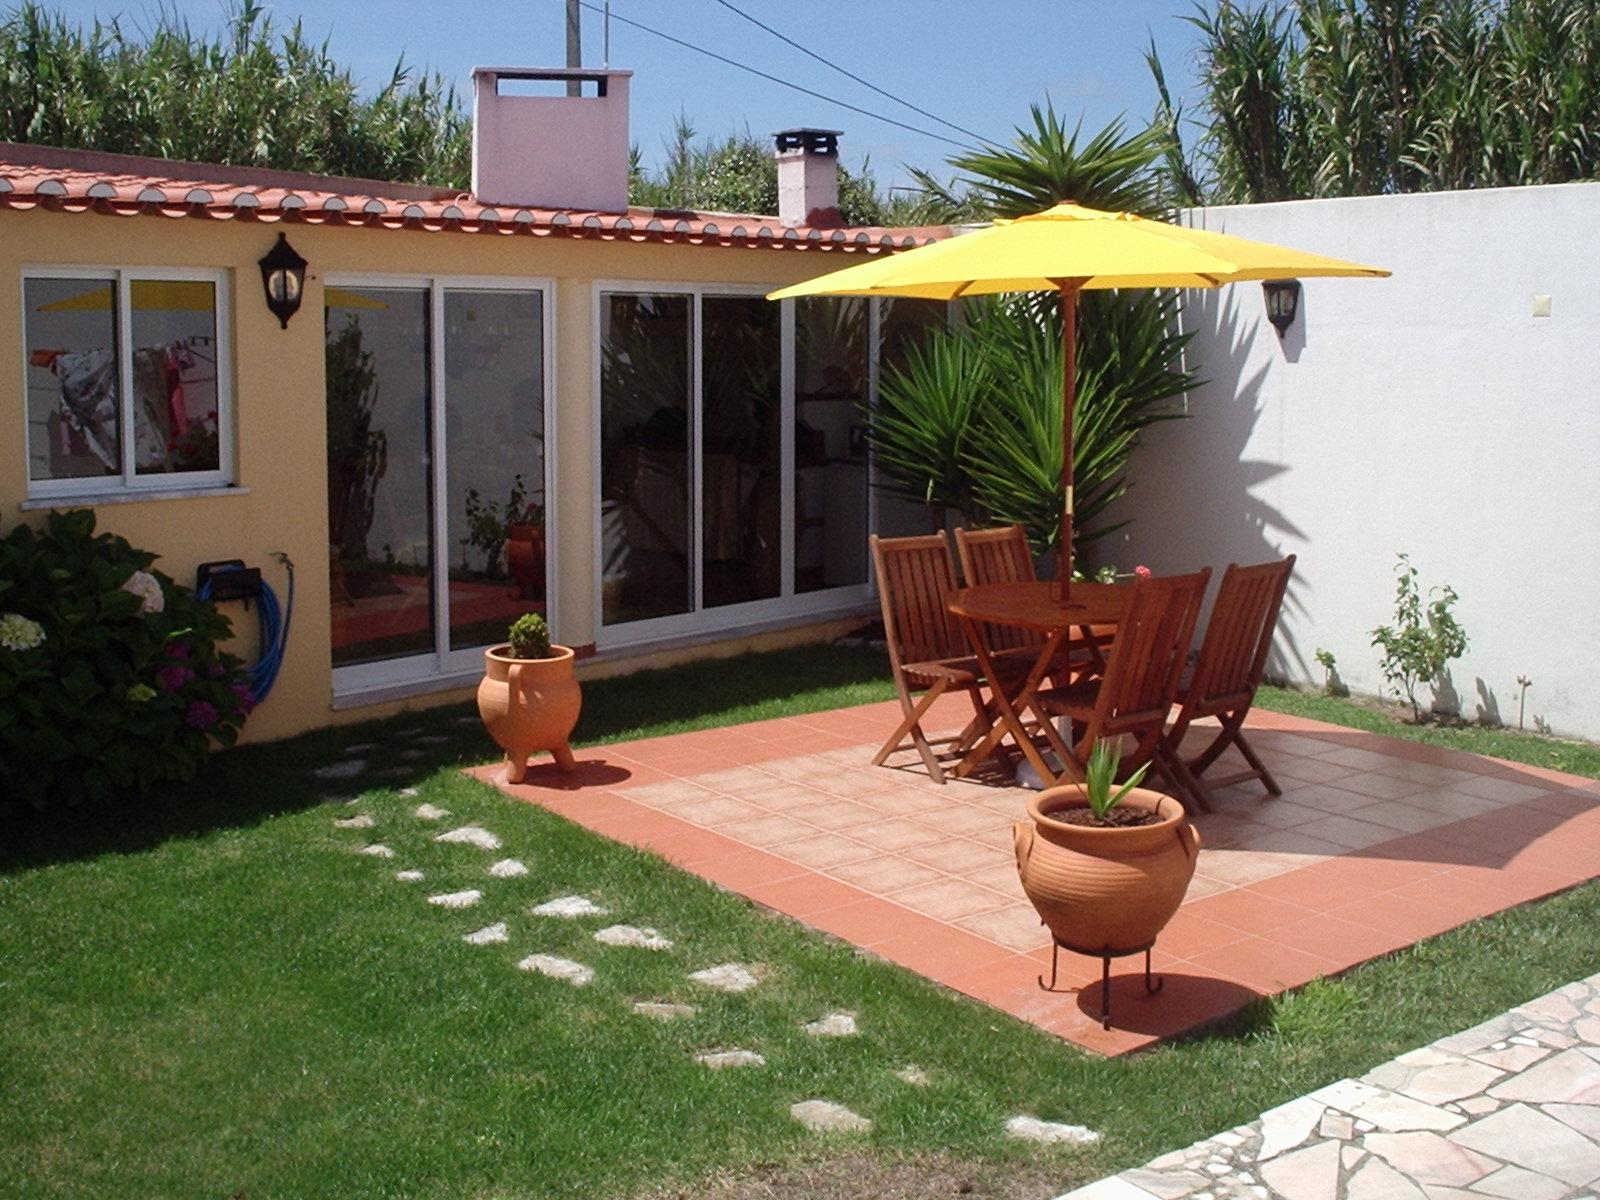 jardim ideias simples : jardim ideias simples:Casa.com Quintal